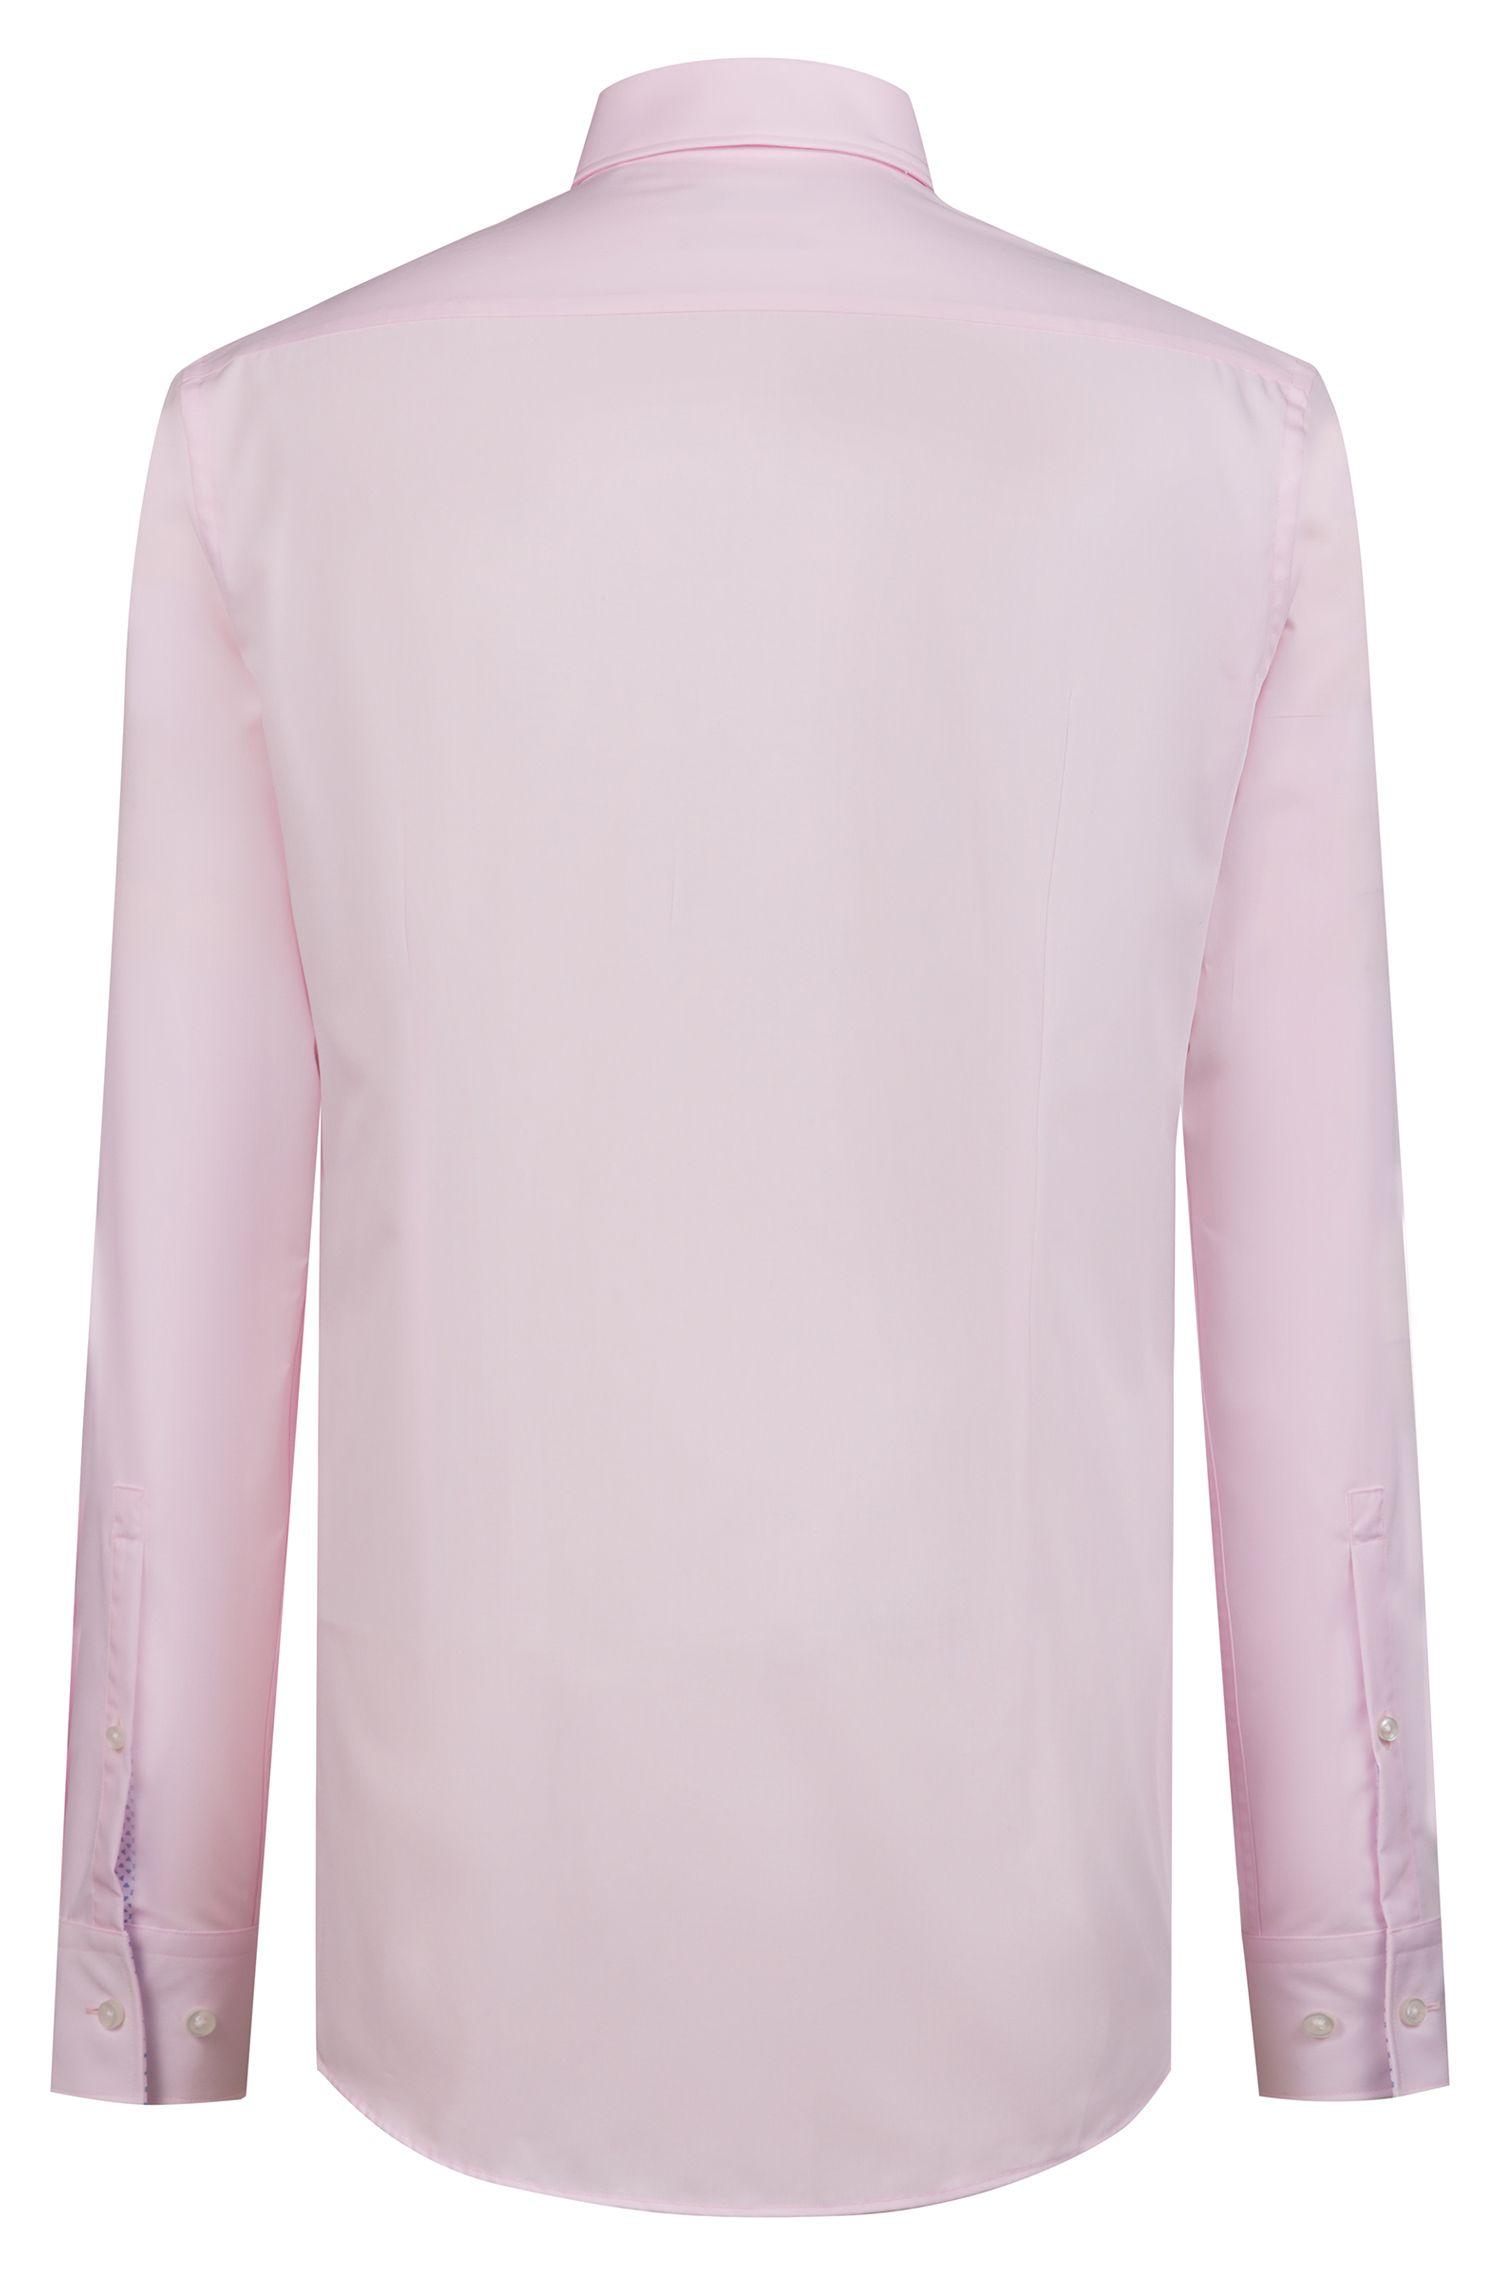 Slim-Fit Hemd aus Baumwolle mit Kontrast-Details innen, Hellrosa